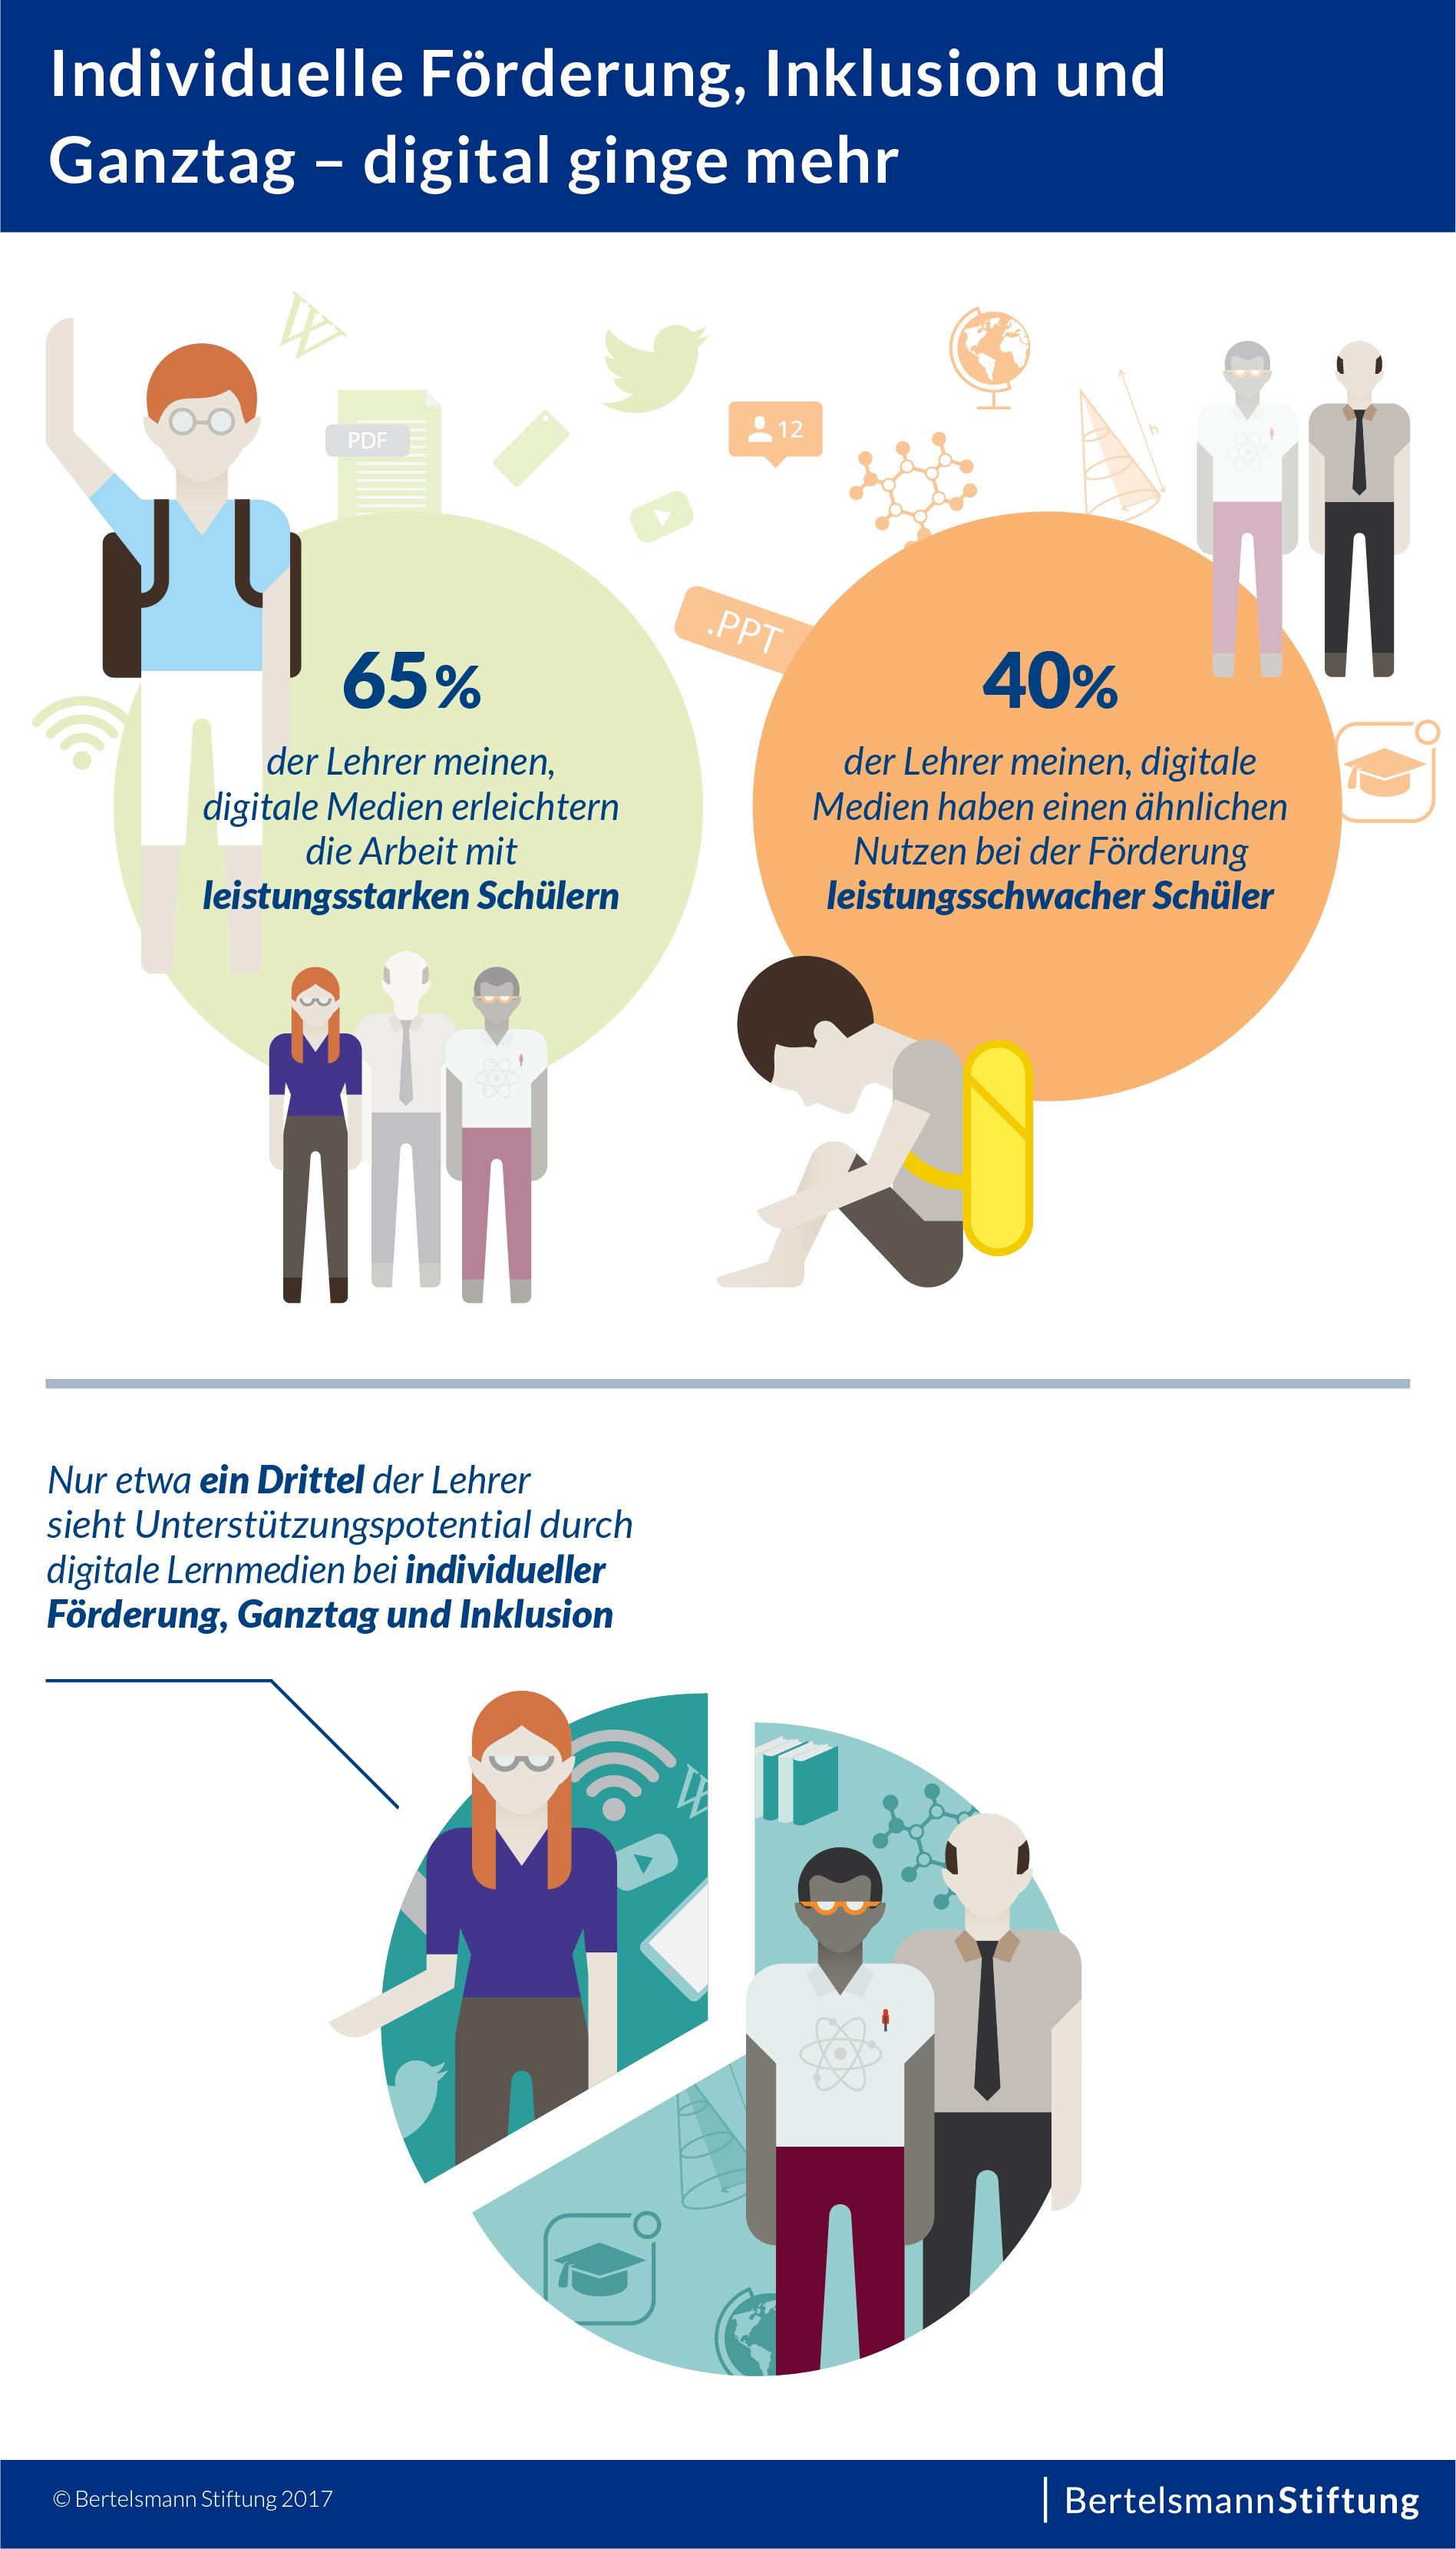 Digitalisierung an Schulen läuft schleppend